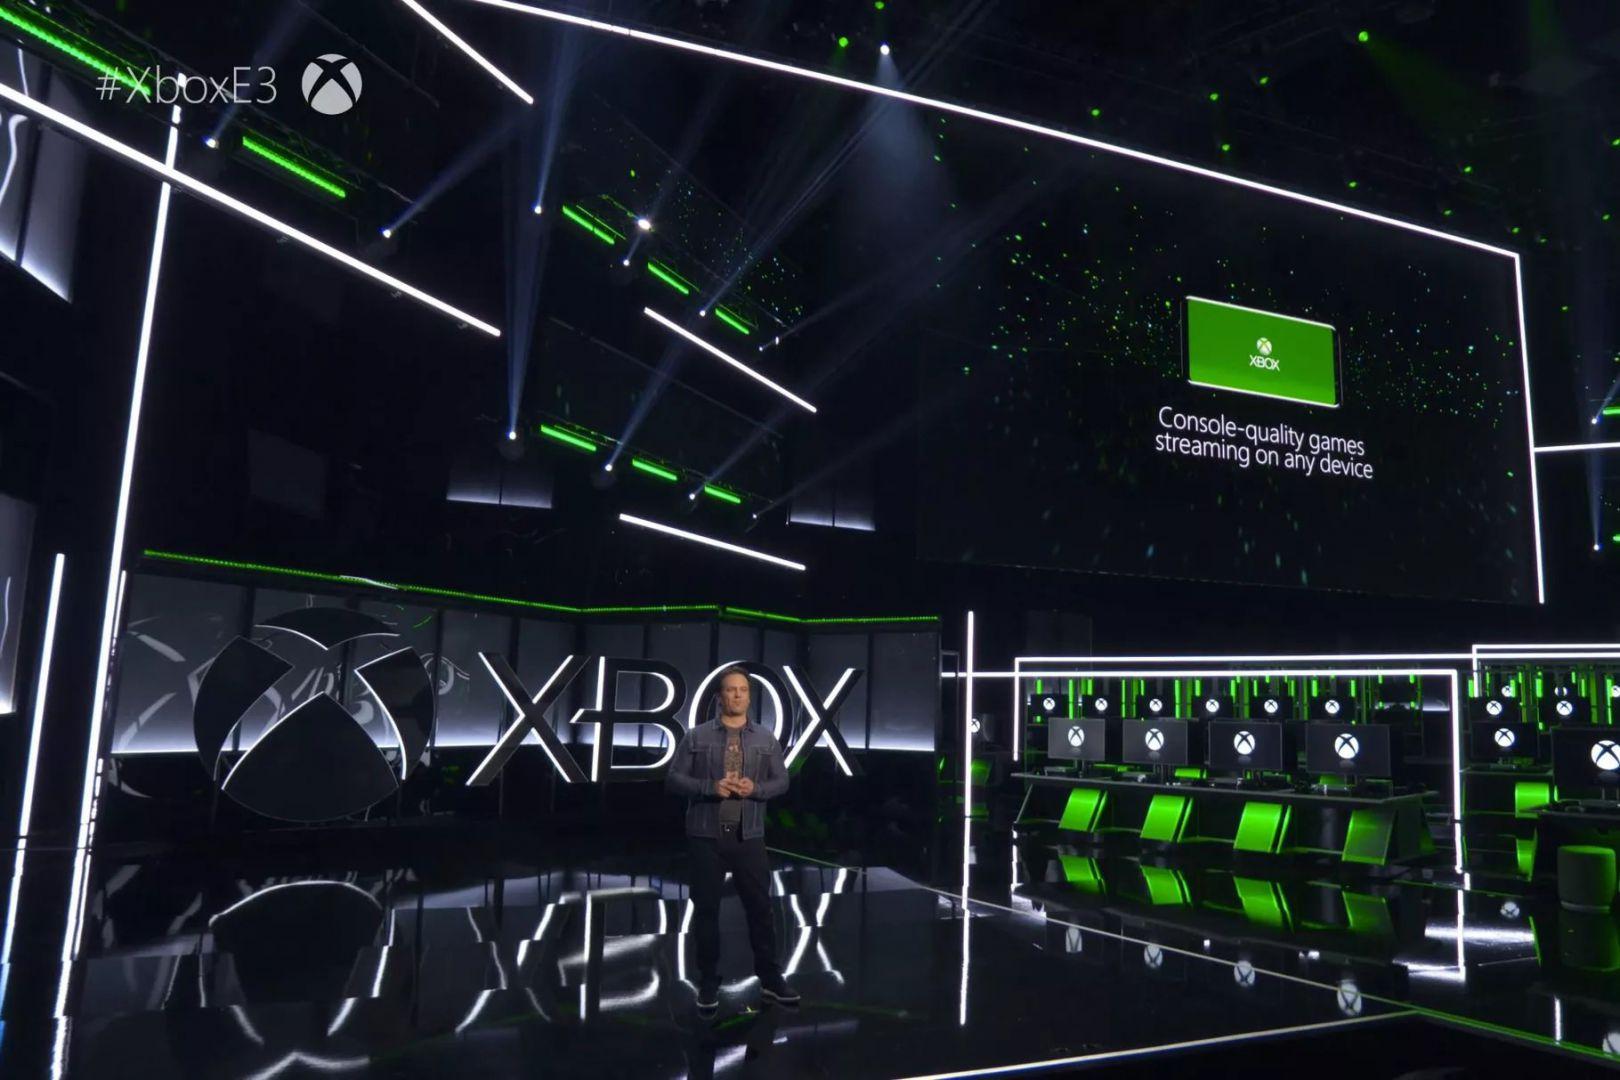 Copiar a Netflix para ganar la batalla, esta es la brillante estrategia de Microsoft - Microsoft ha sabido muy bien coger prestado el esquema de Netflix para su éxito y ha trasladado estos puntos a Xbox Game Pass.